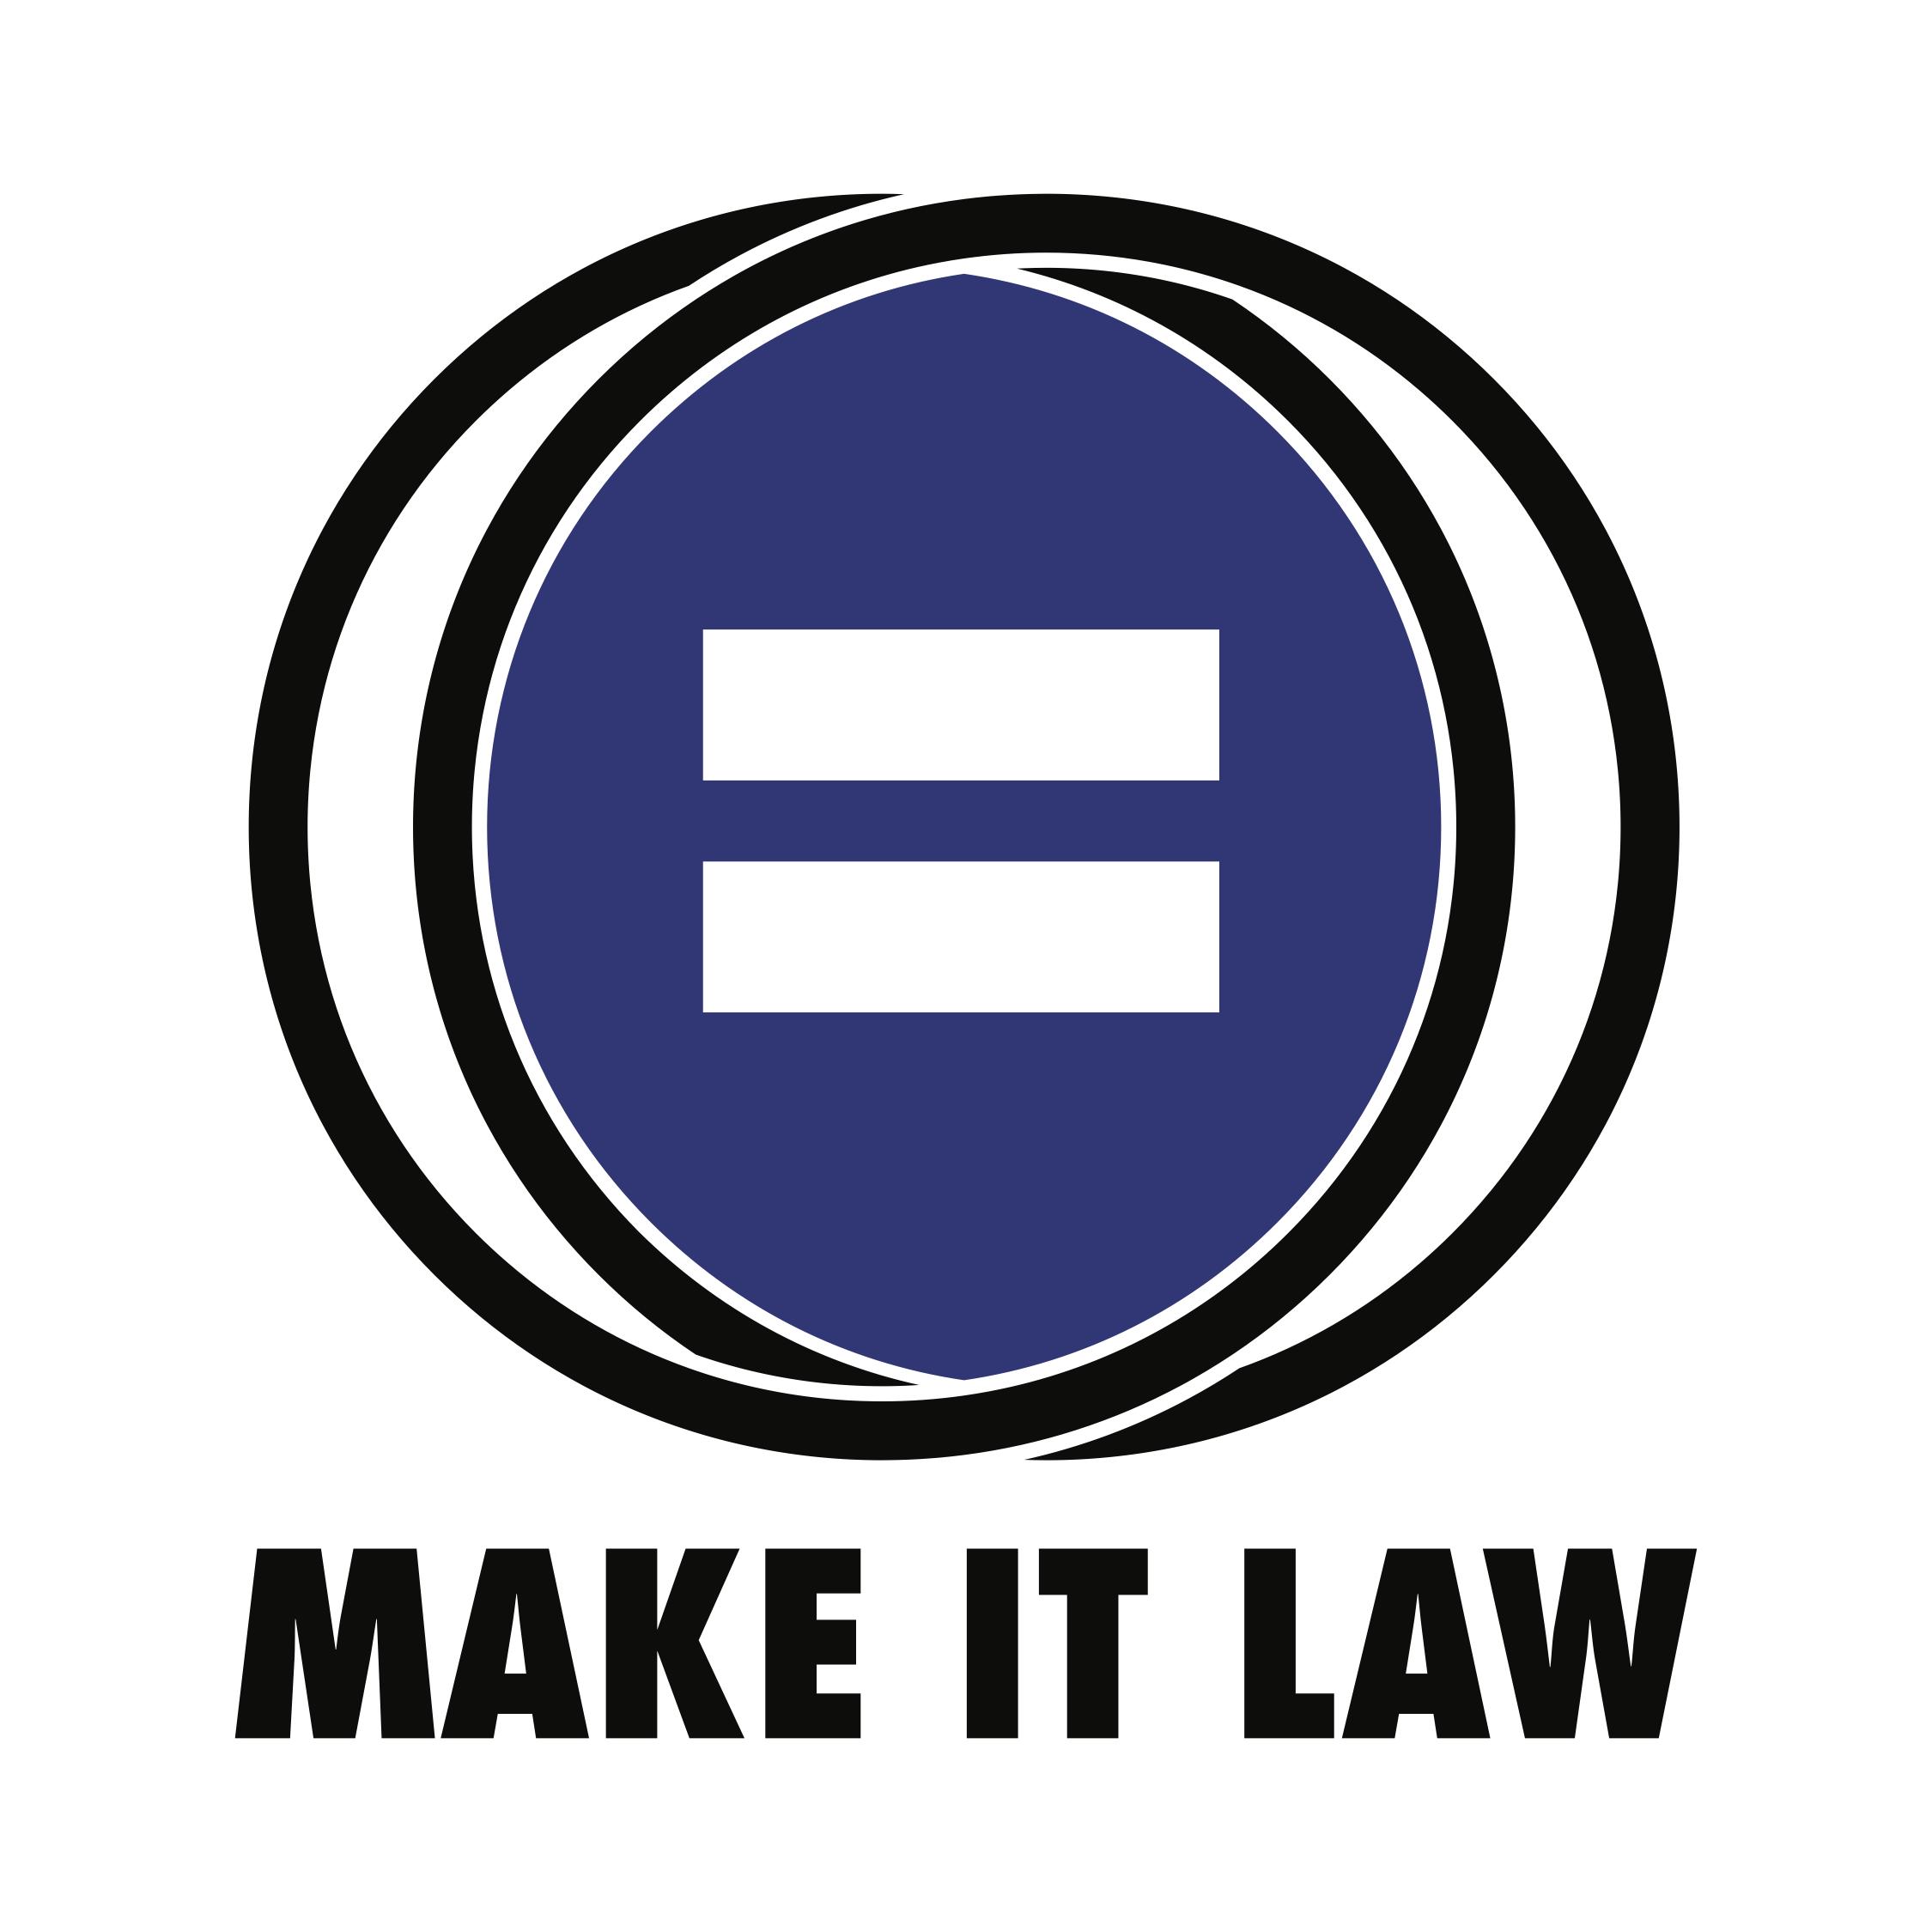 make_it_law_logo-01.png